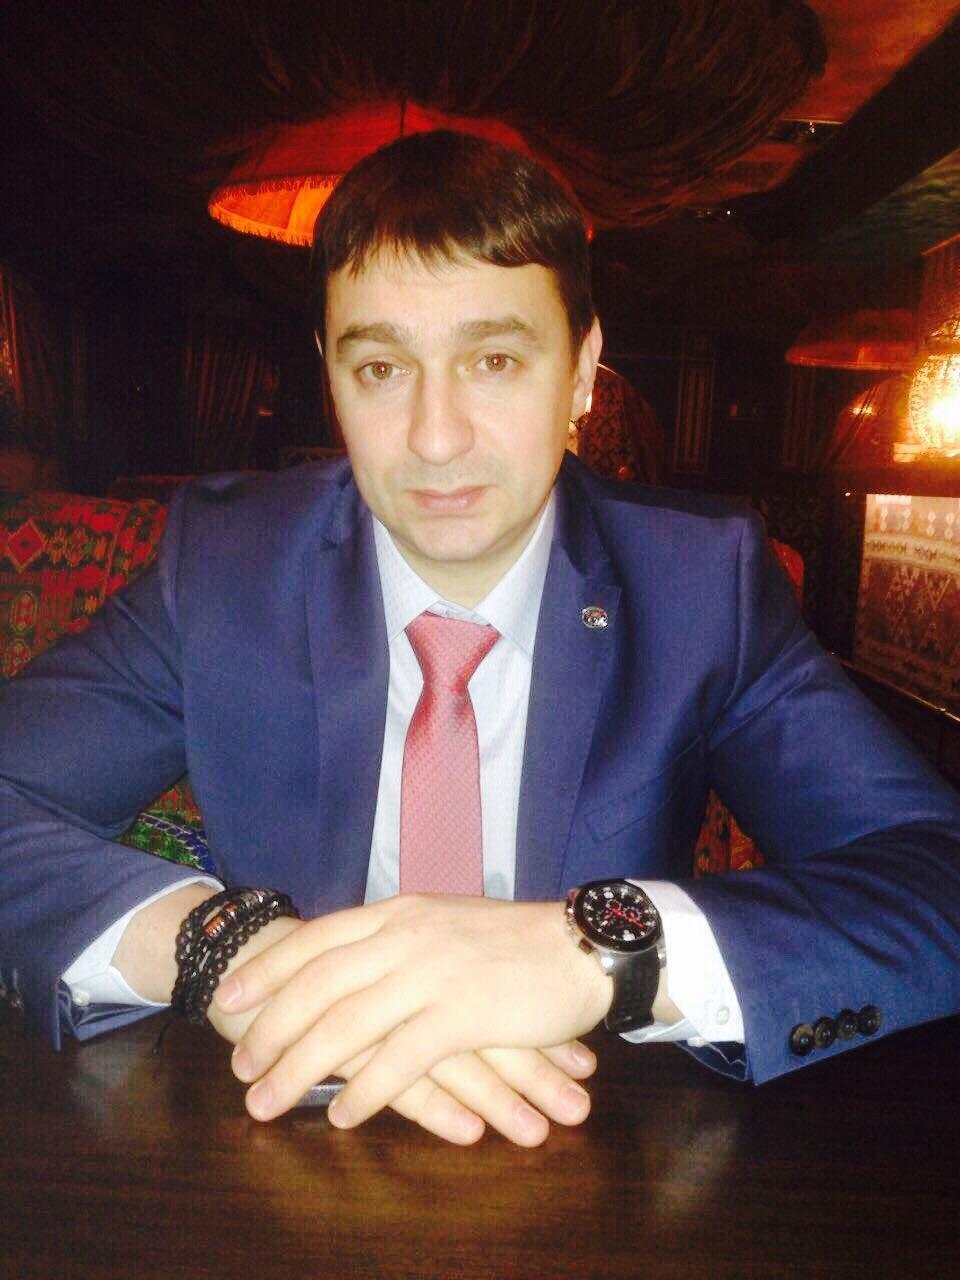 Проститутки москвы до 2000 рублей с проверенным фото без ретуши